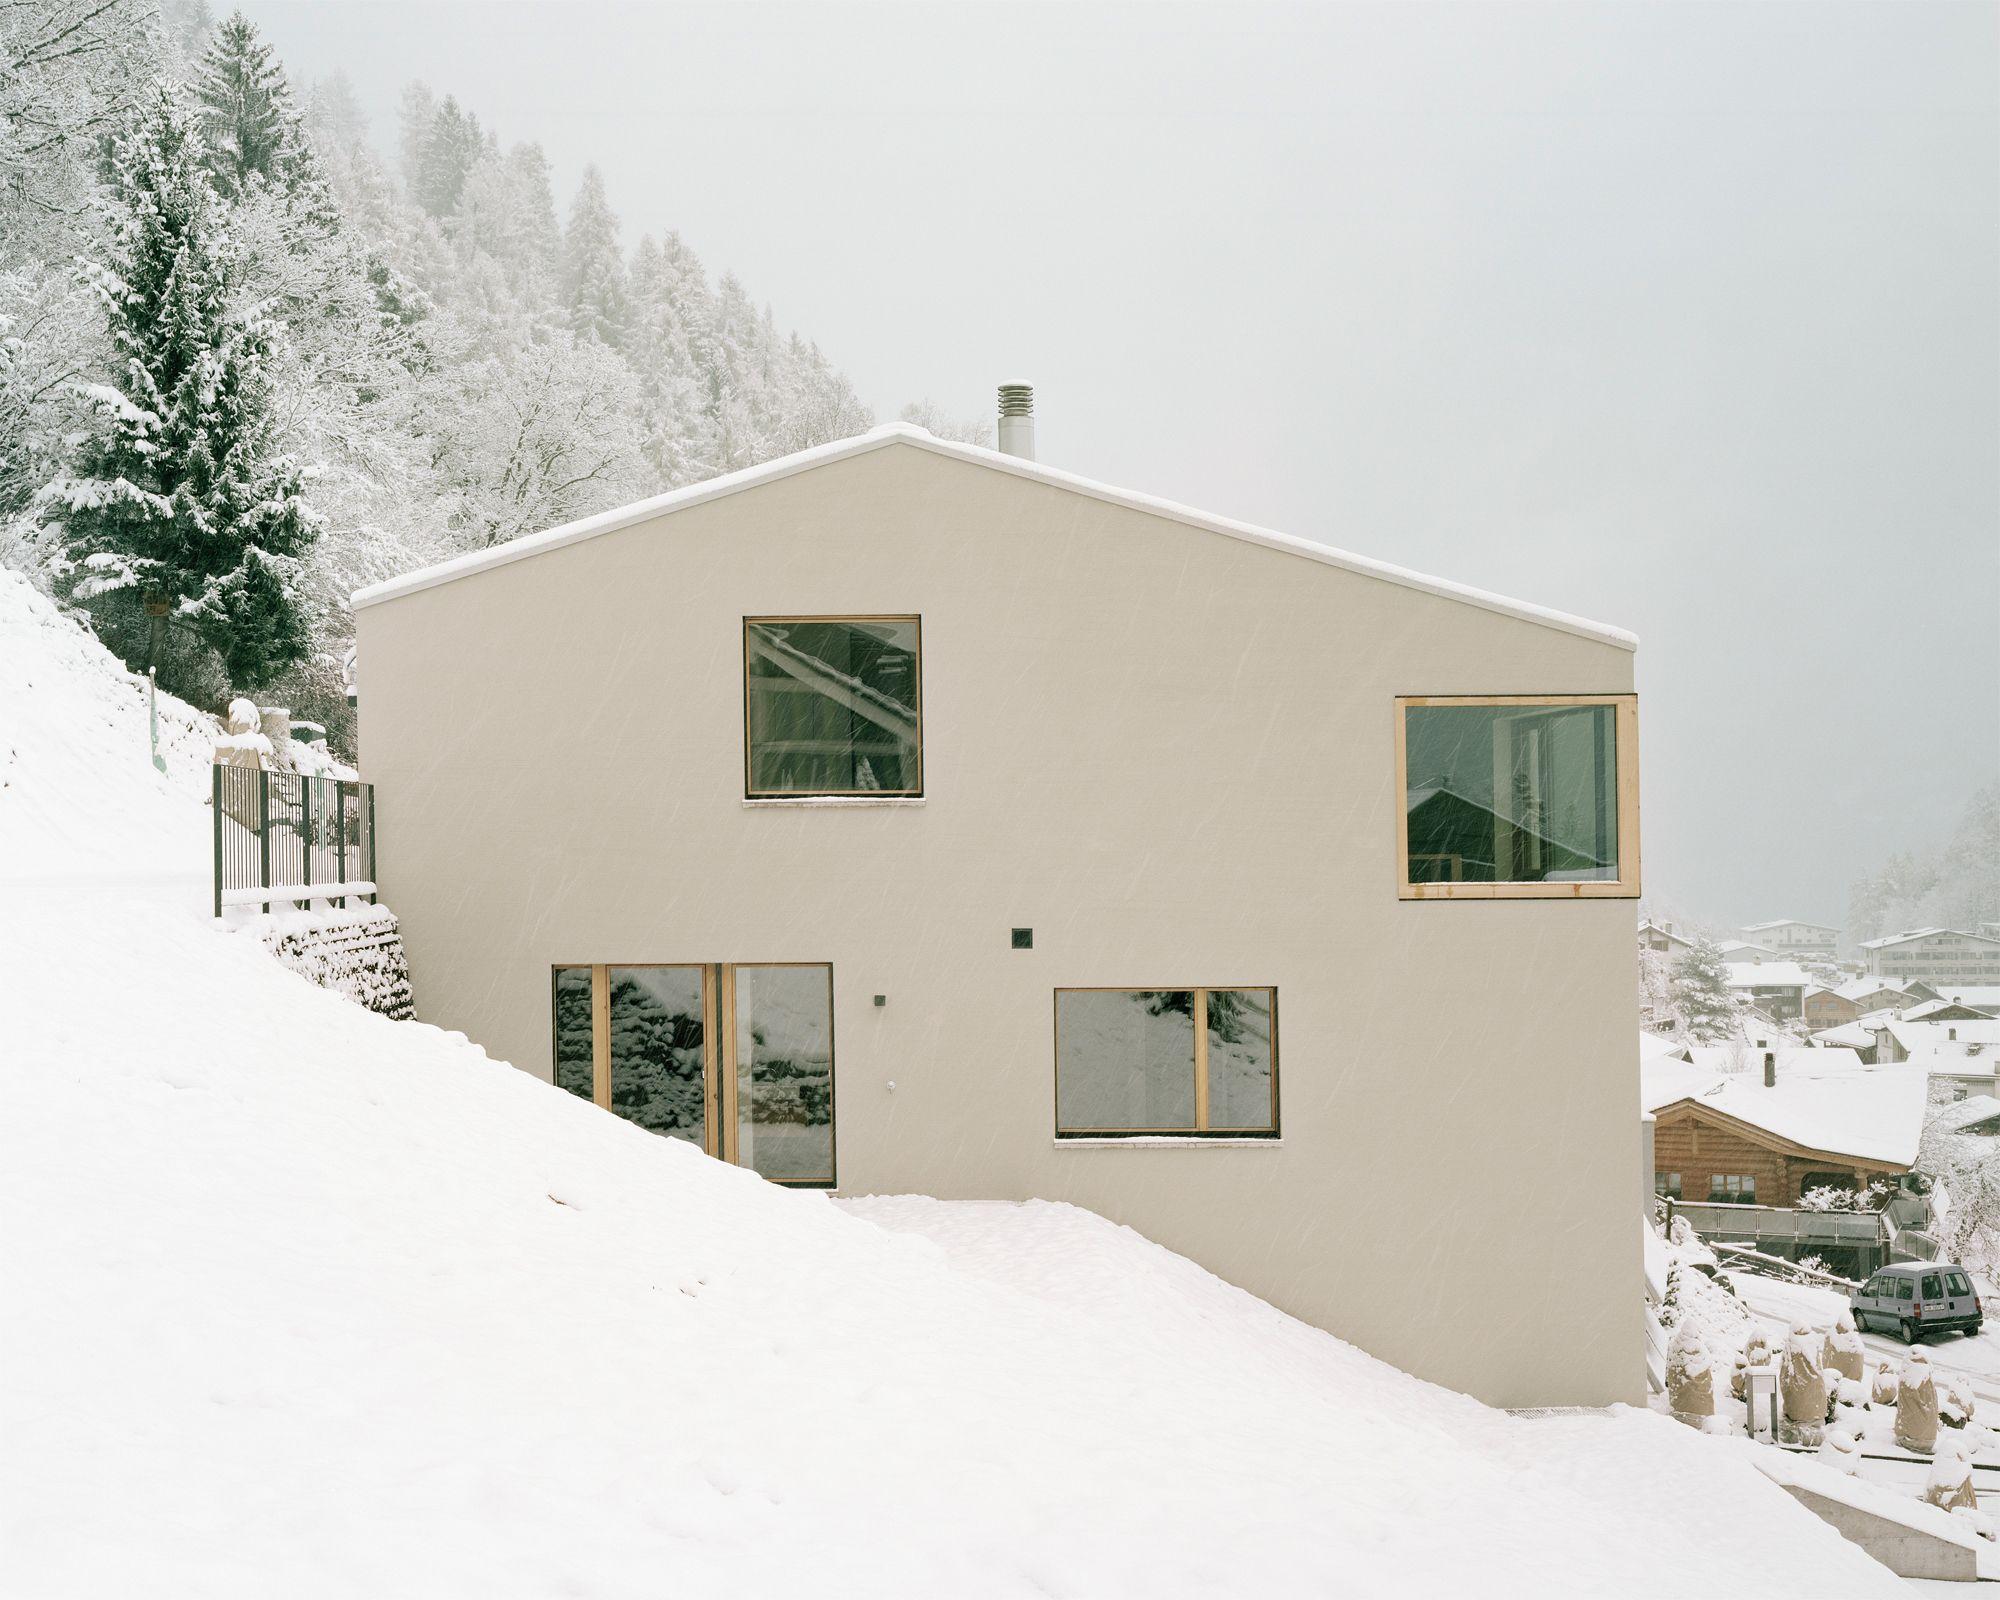 Massiv solide: Wohnhaus in Trin